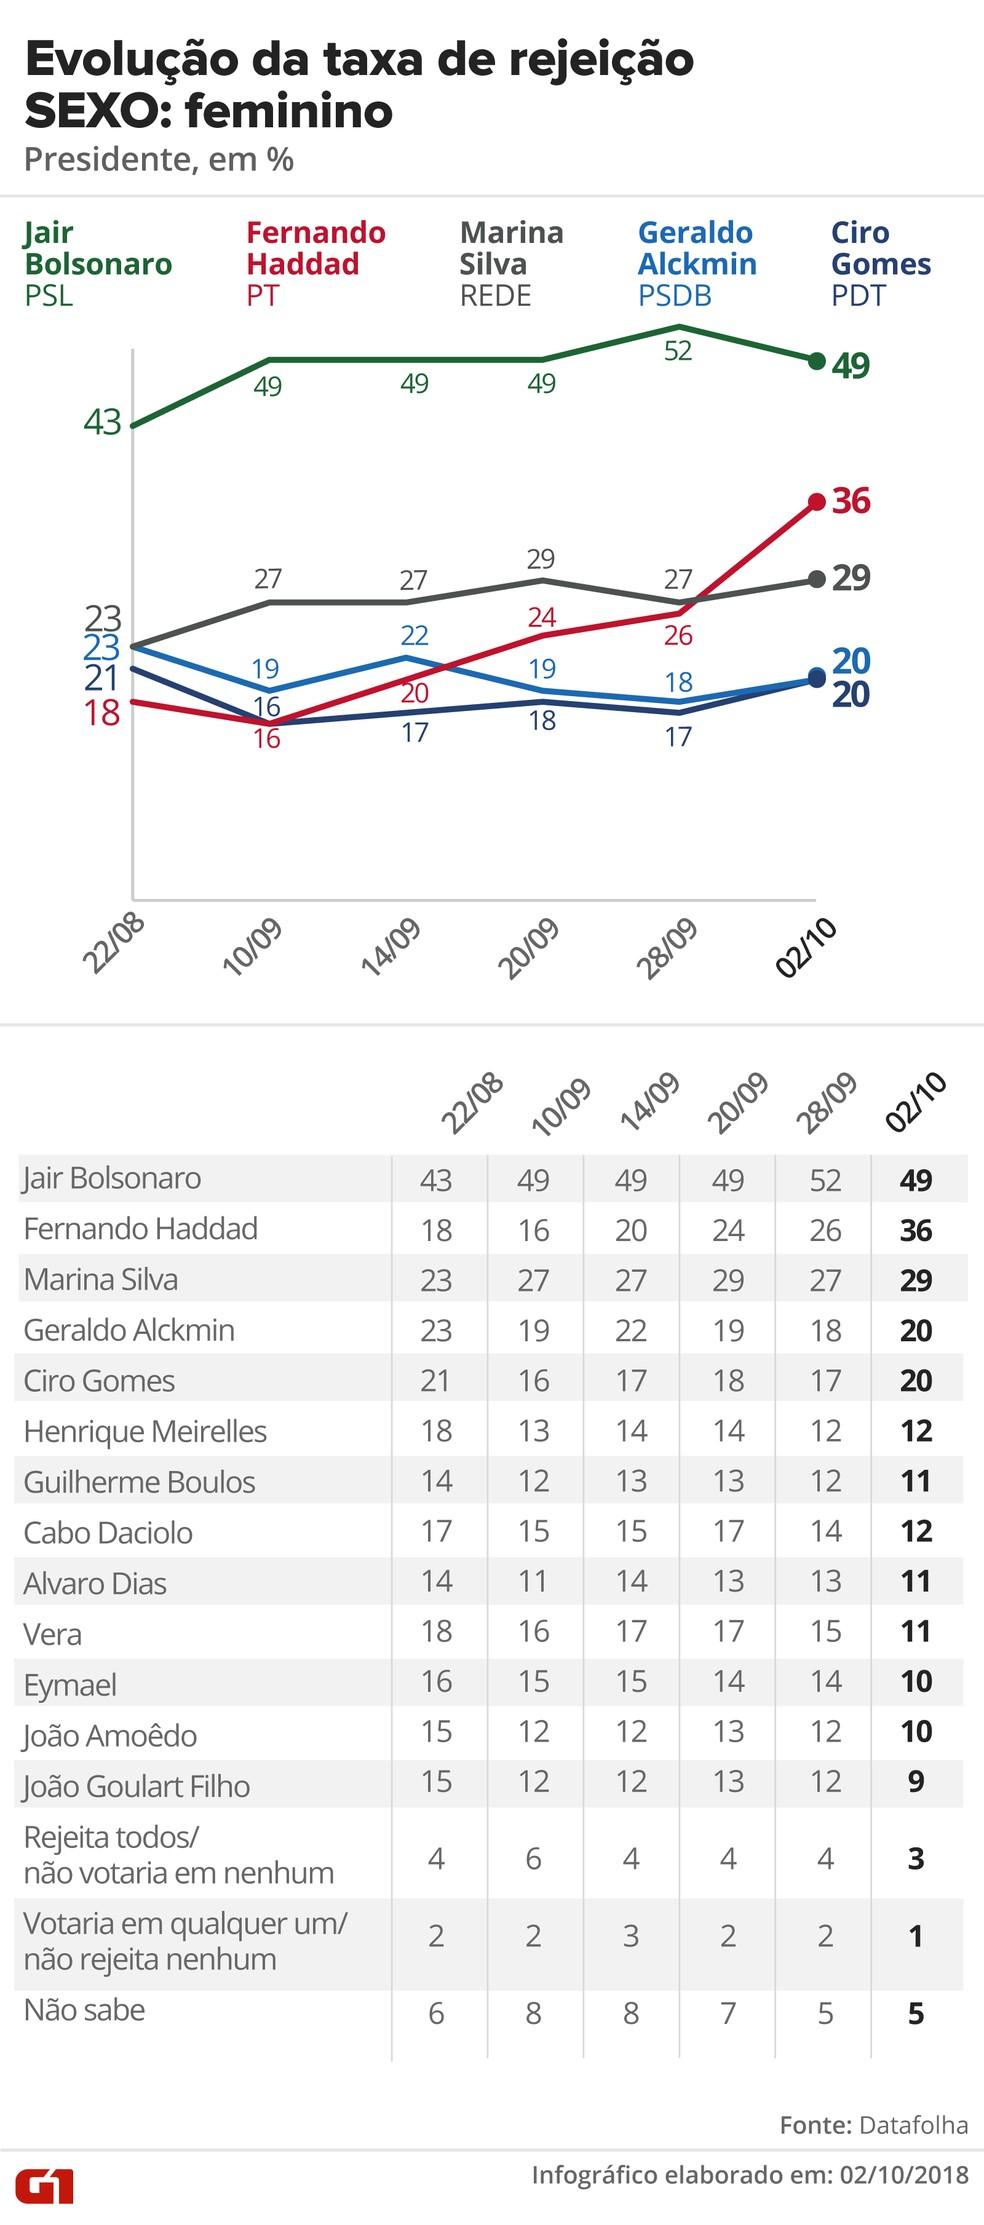 Pesquisa Datafolha, 2/10 para presidente - Rejeição - Sexo: Feminino — Foto: G1 Arte